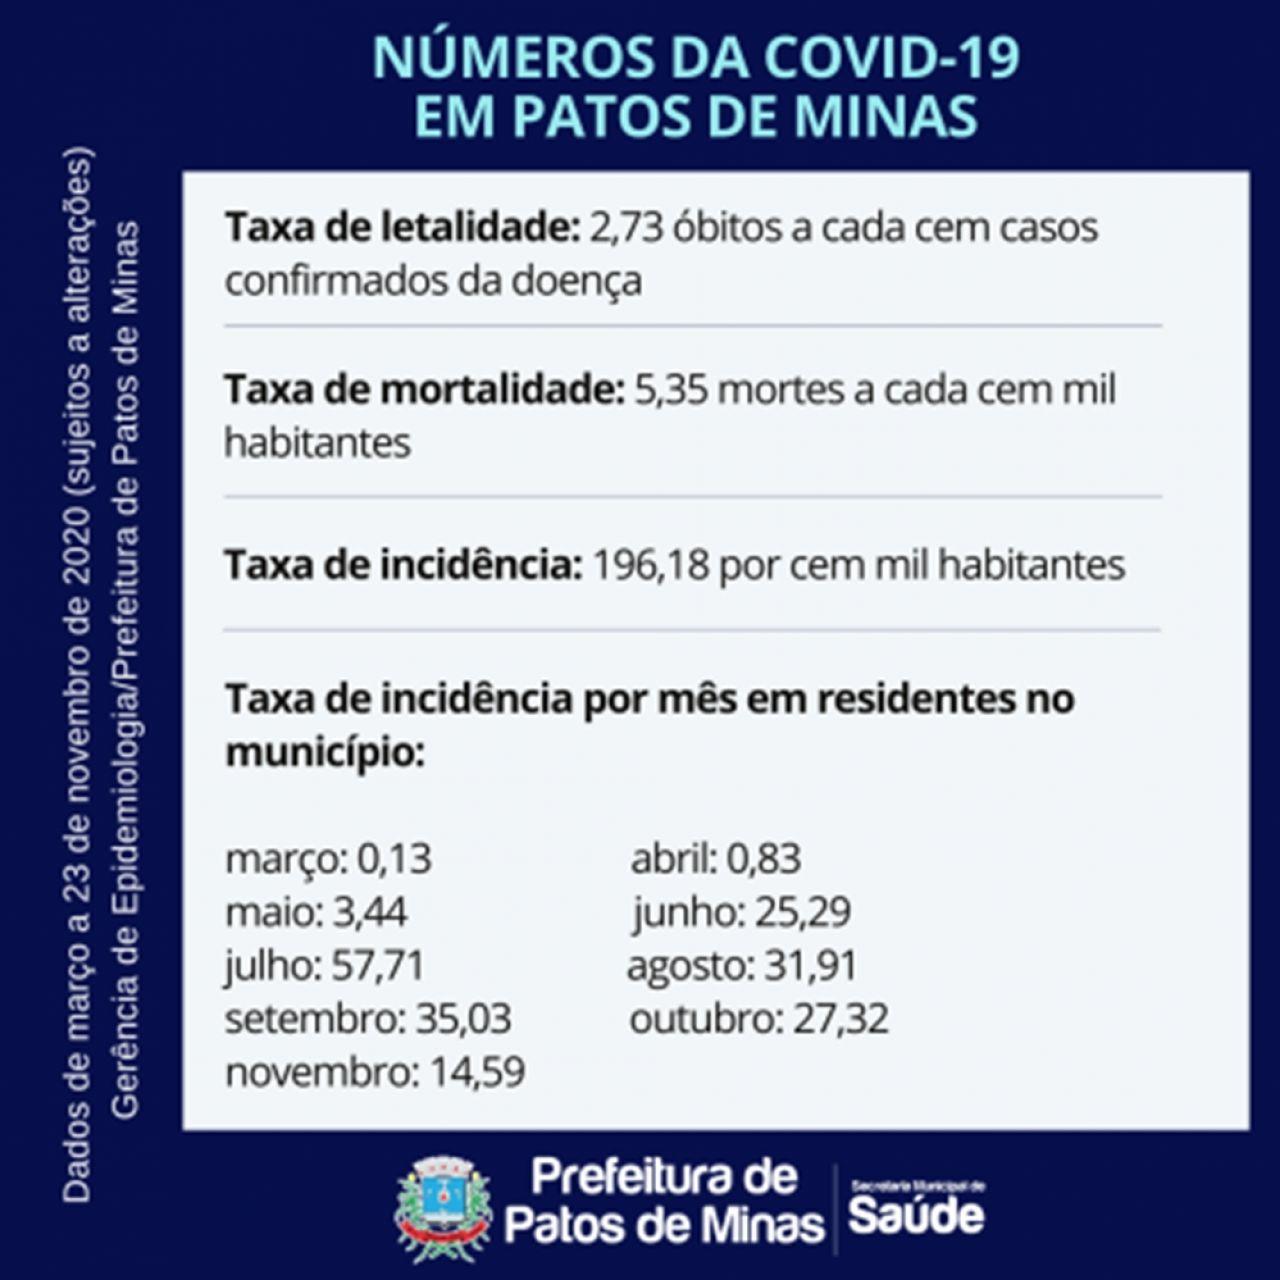 Covid-19: Epidemiologia informa letalidade de 2,73% e alerta para contaminação entre familiares